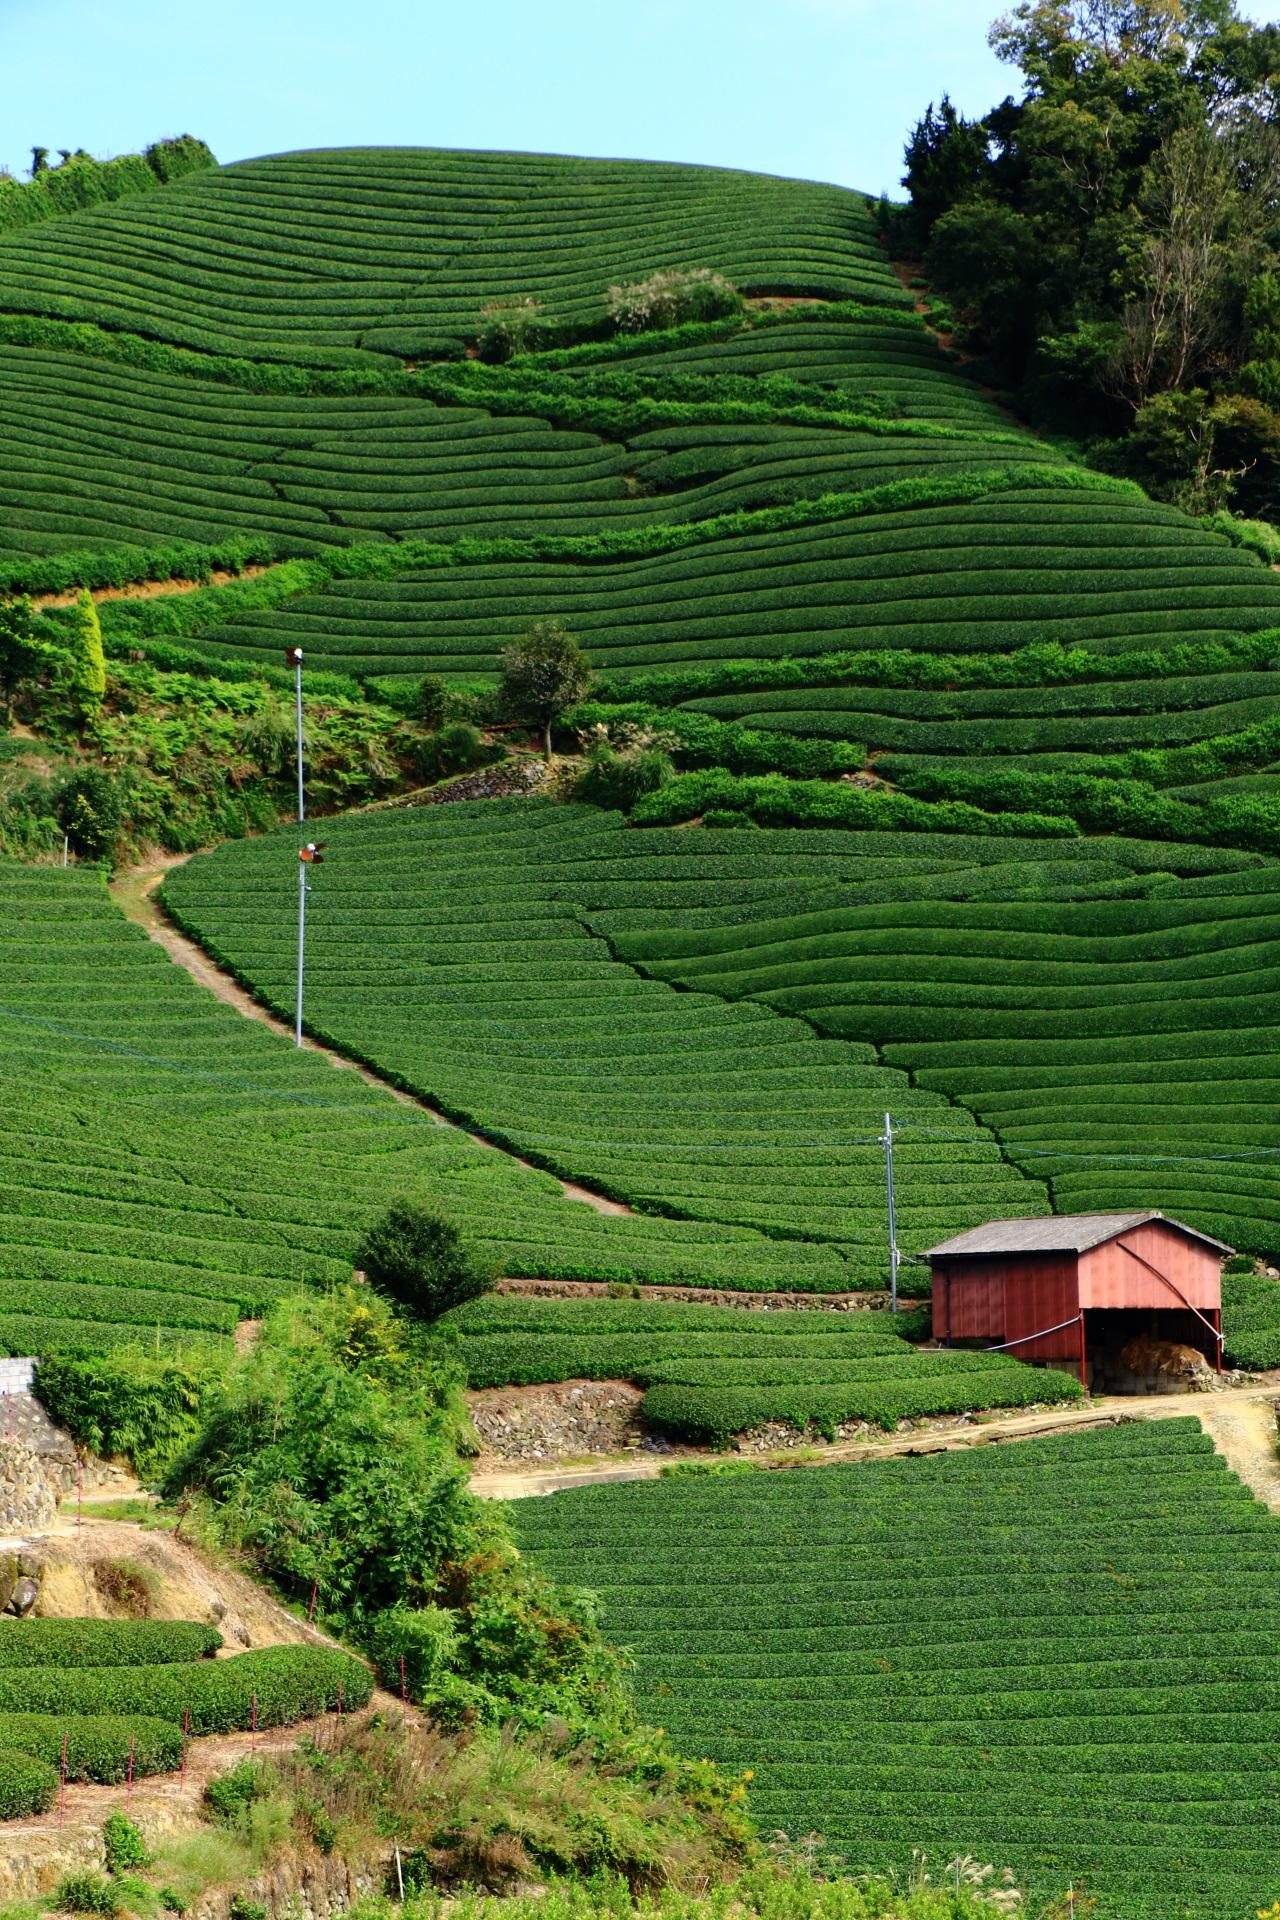 天晴れな和束町石寺地区のお茶畑の絶景